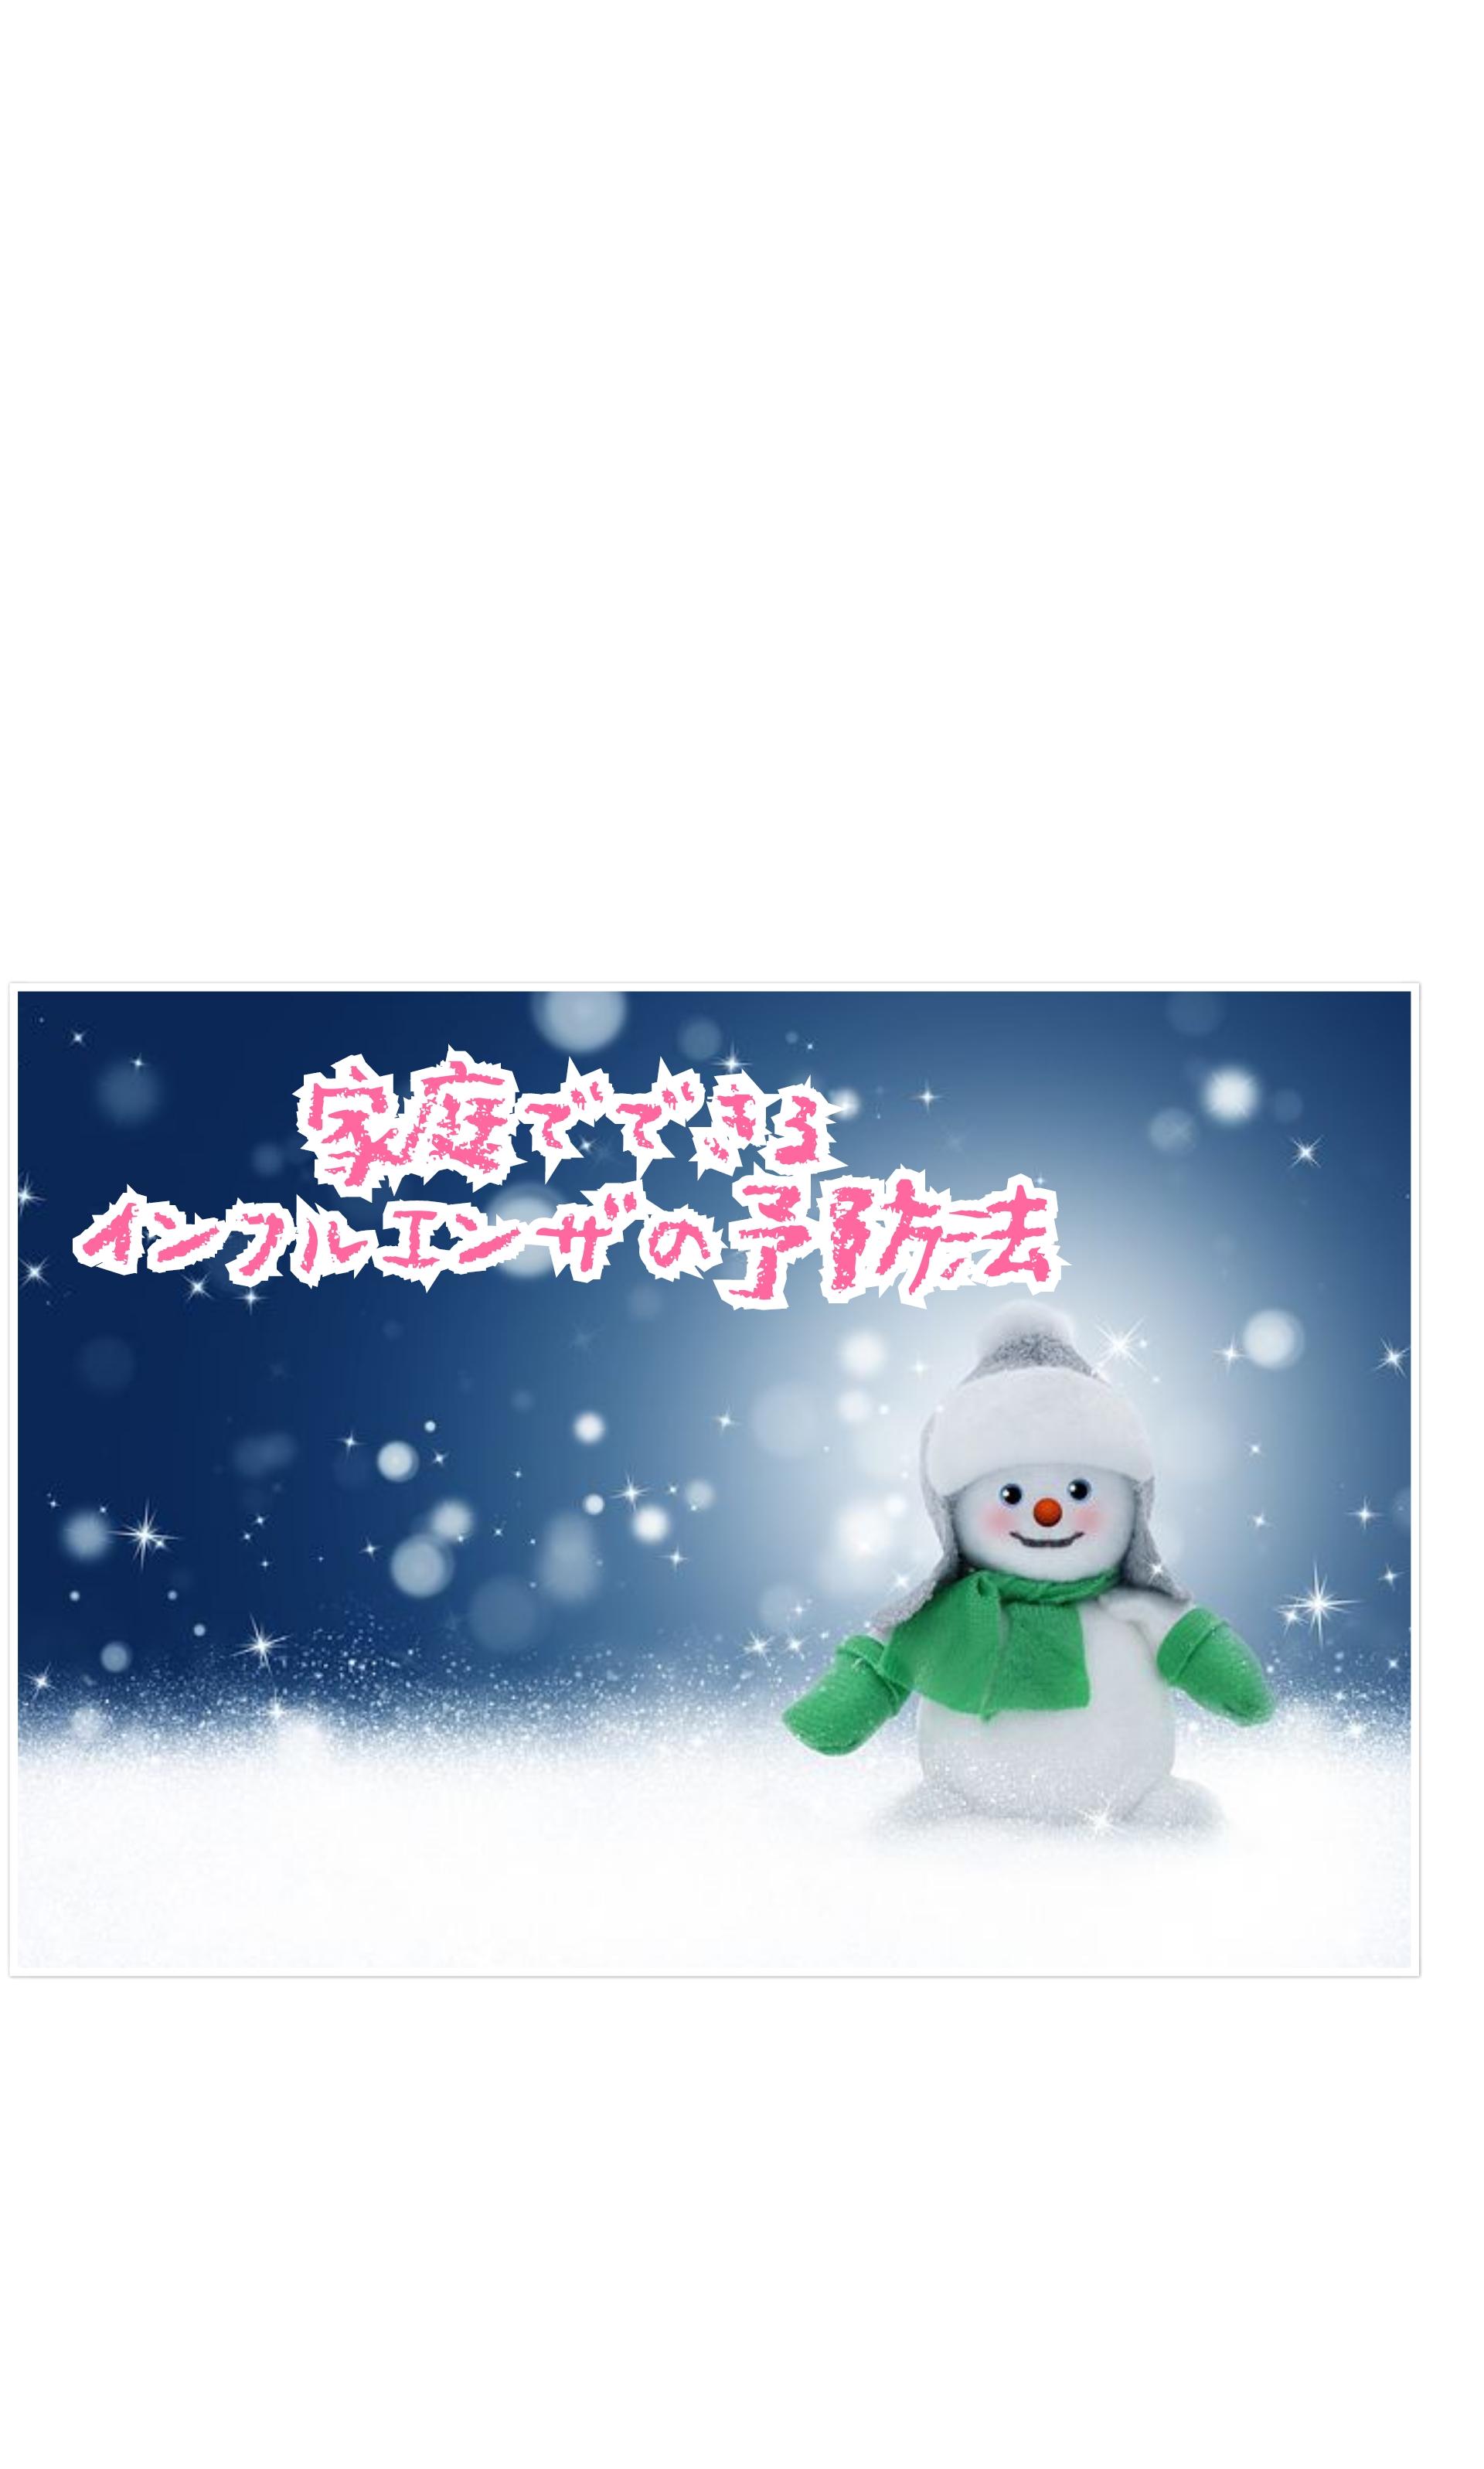 インフルエンザの予防法~家庭でできる免疫アップ!